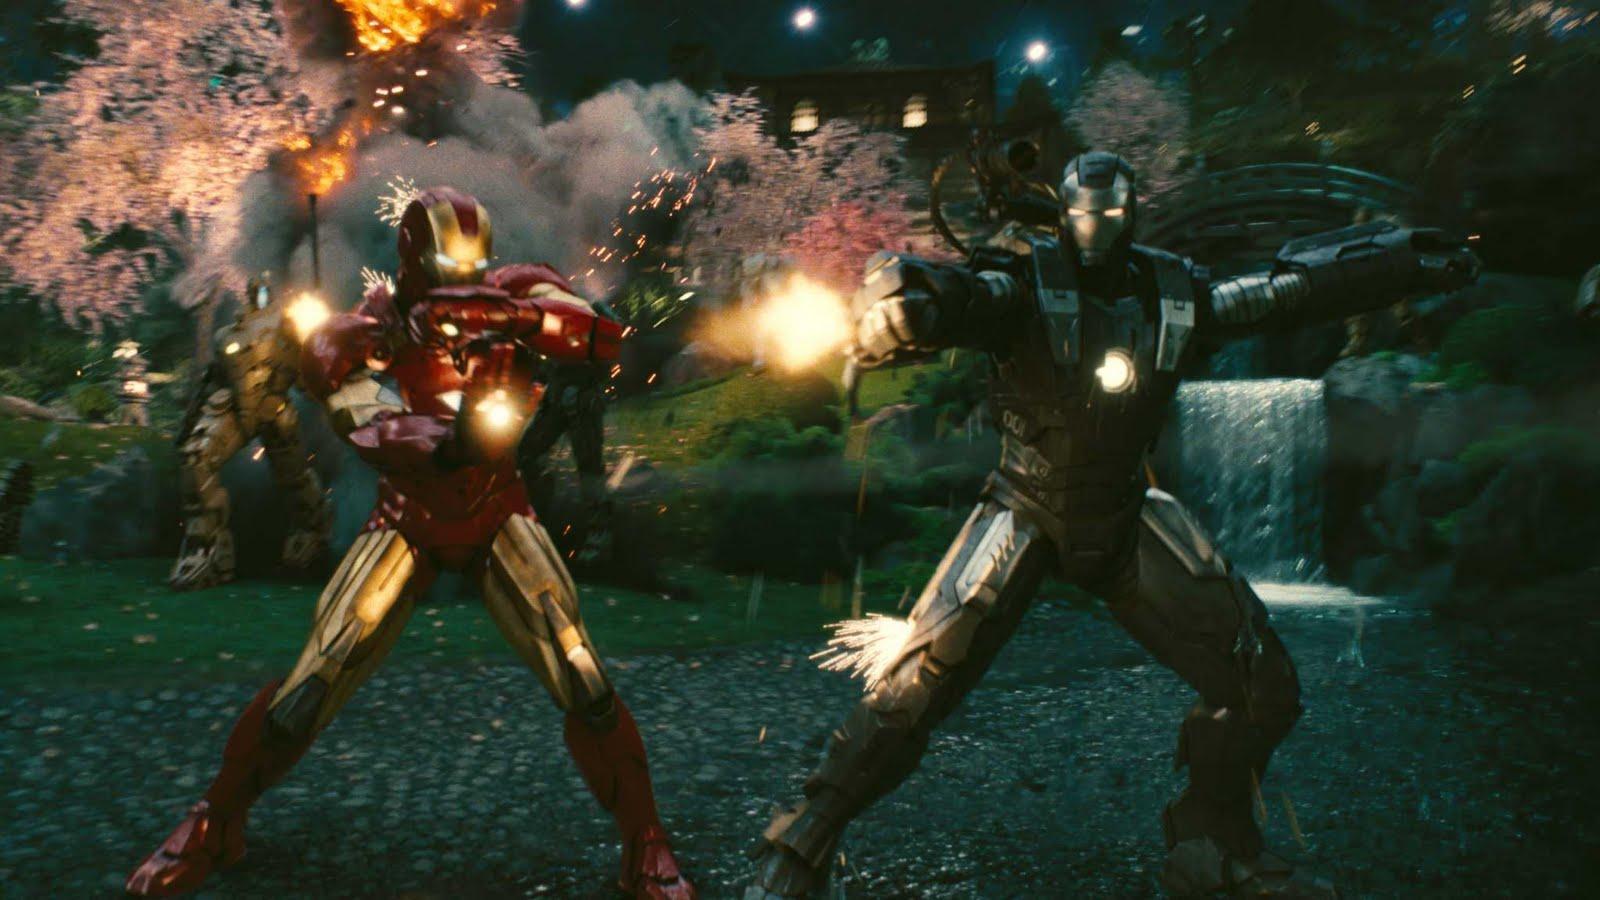 Descargar Iron Man 4 A2zp30: Iron Man 1 Y 2 (Español Latino, PL)